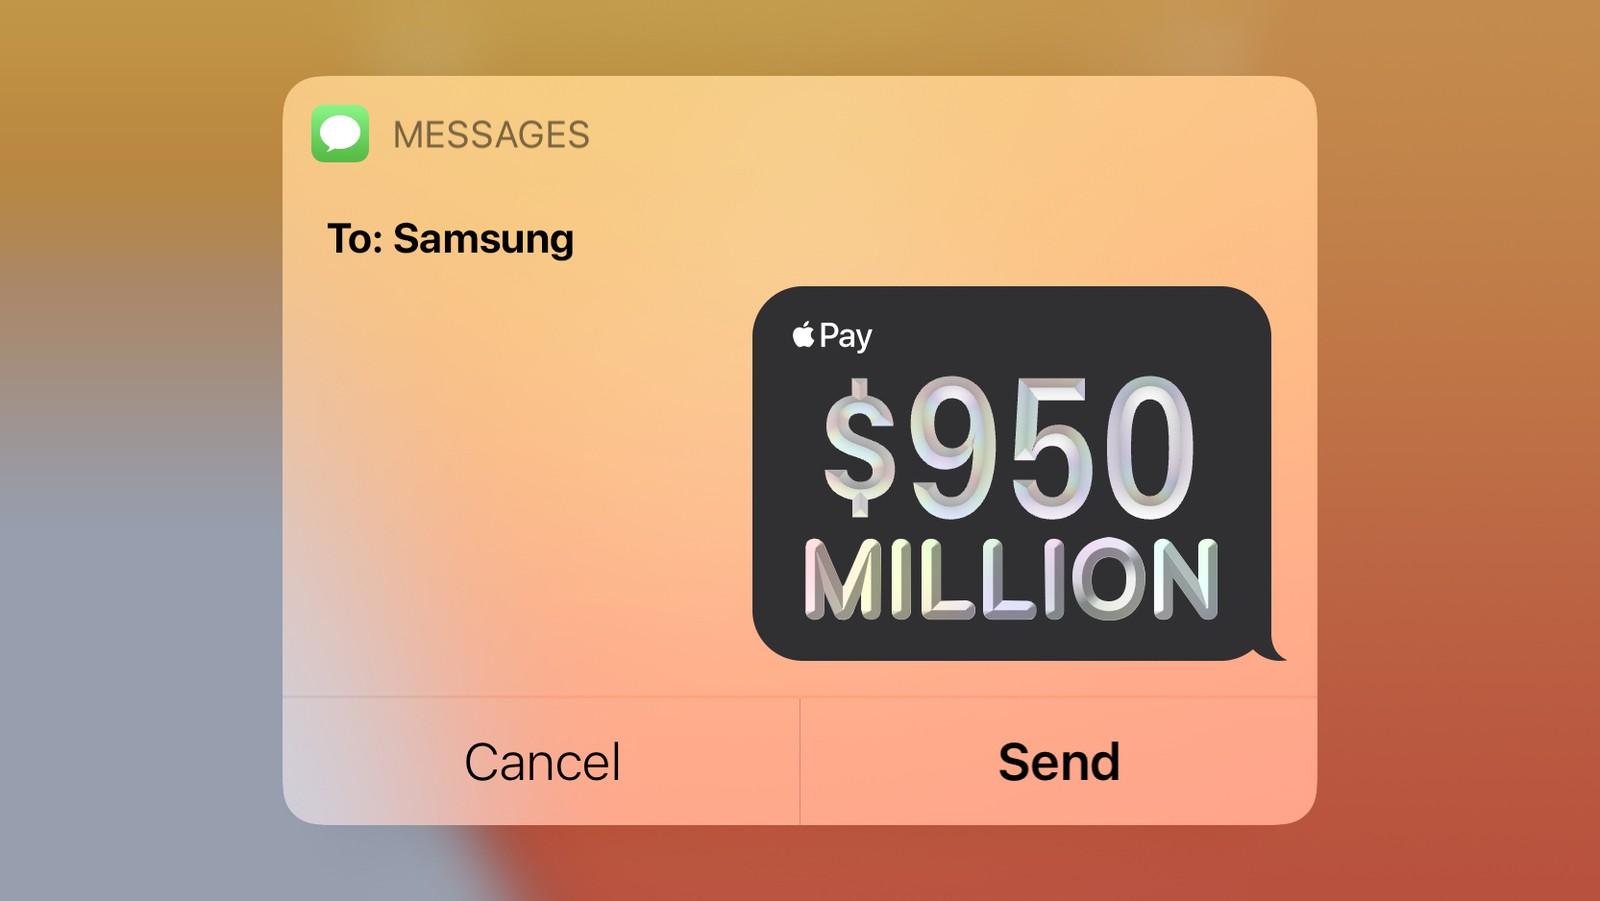 苹果向三星支付了9.5亿美元的OLED面板订单